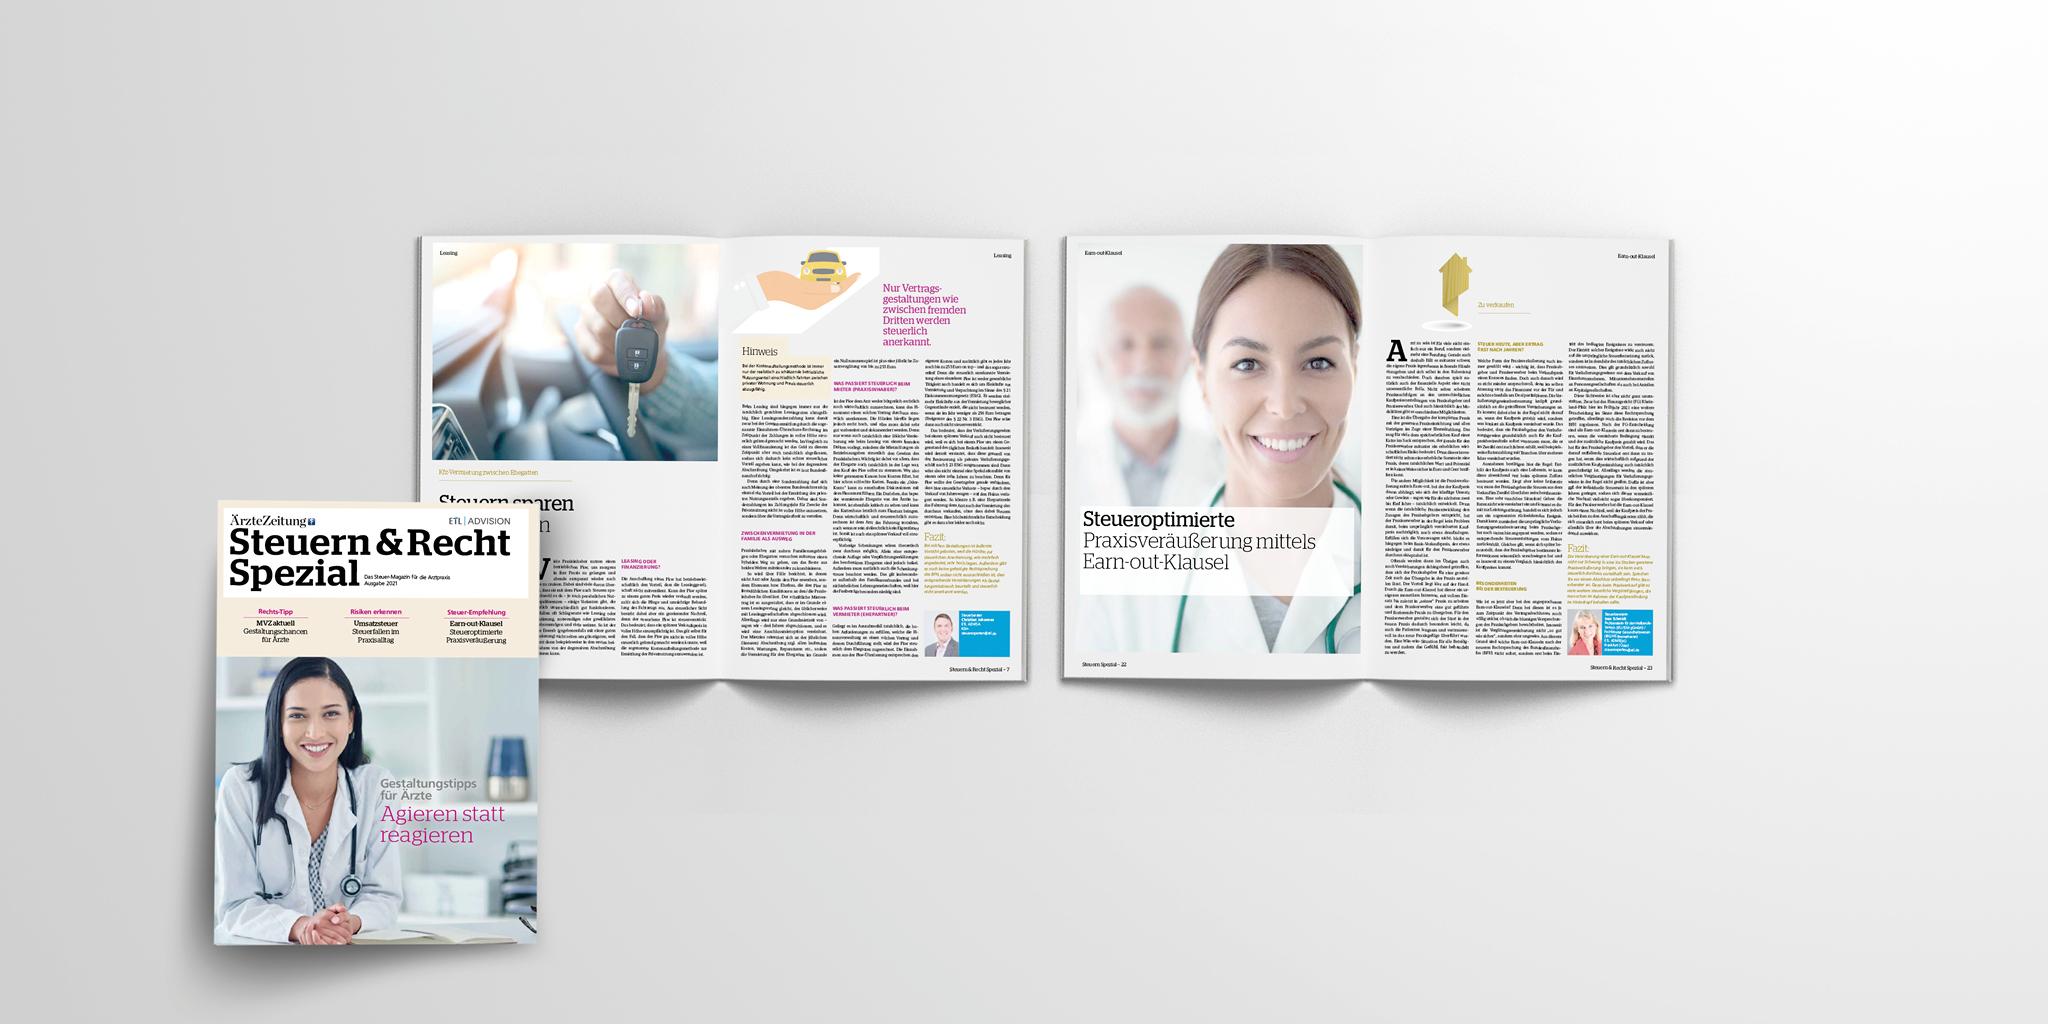 Ärzte, Ratgeber Recht, Ratgeber Steuern, Recht, Steuern: Steuern & Recht Spezial: Ein Sonderheft von ETL ADVISION in Kooperation mit der Ärzte Zeitung